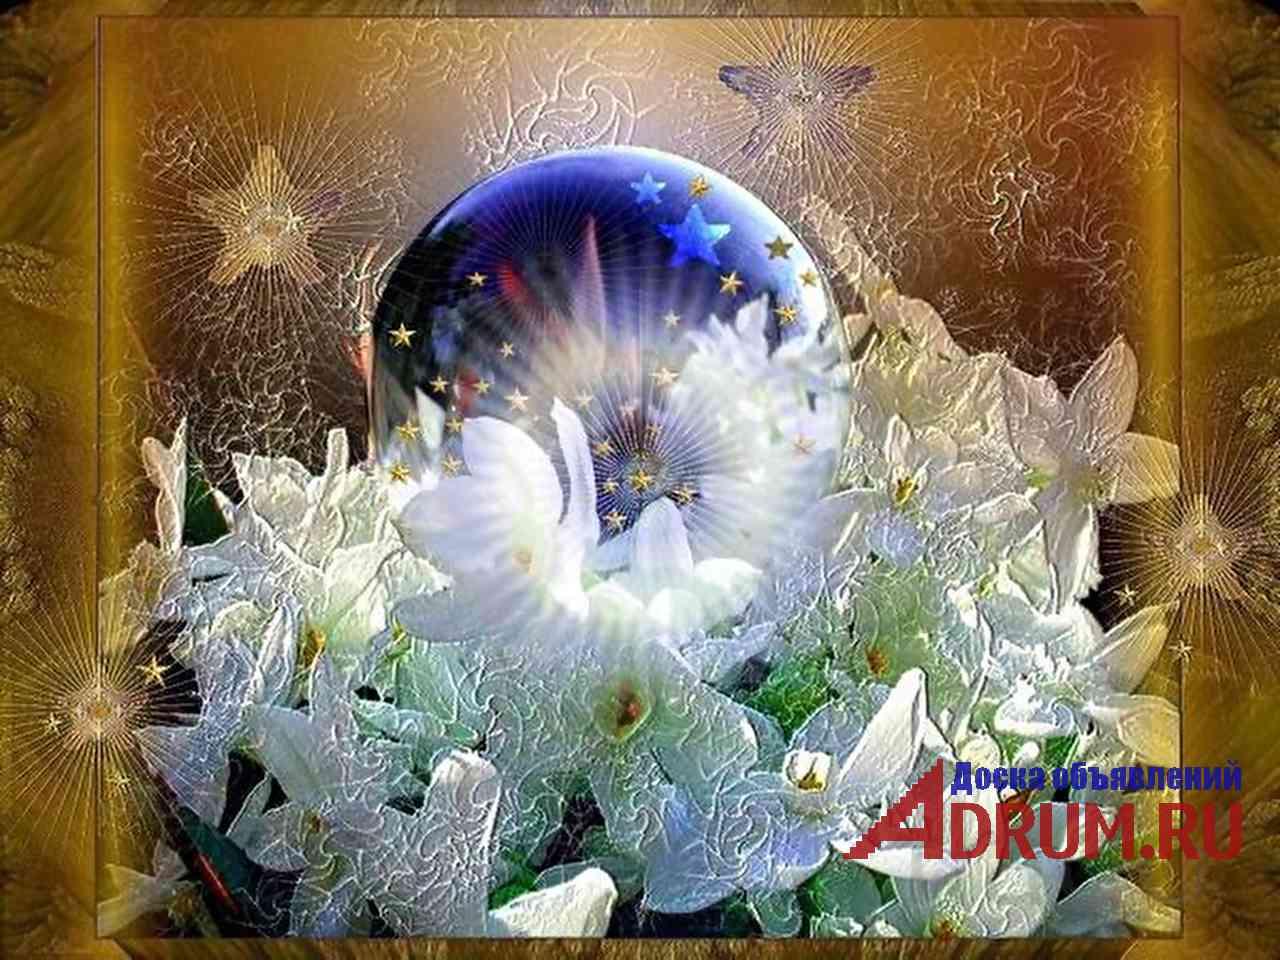 Магия любви, здоровья, удачи в Уфе, фотография 1, объявление в категории «Магия, гадание, астрология» на сайте adrum.ru